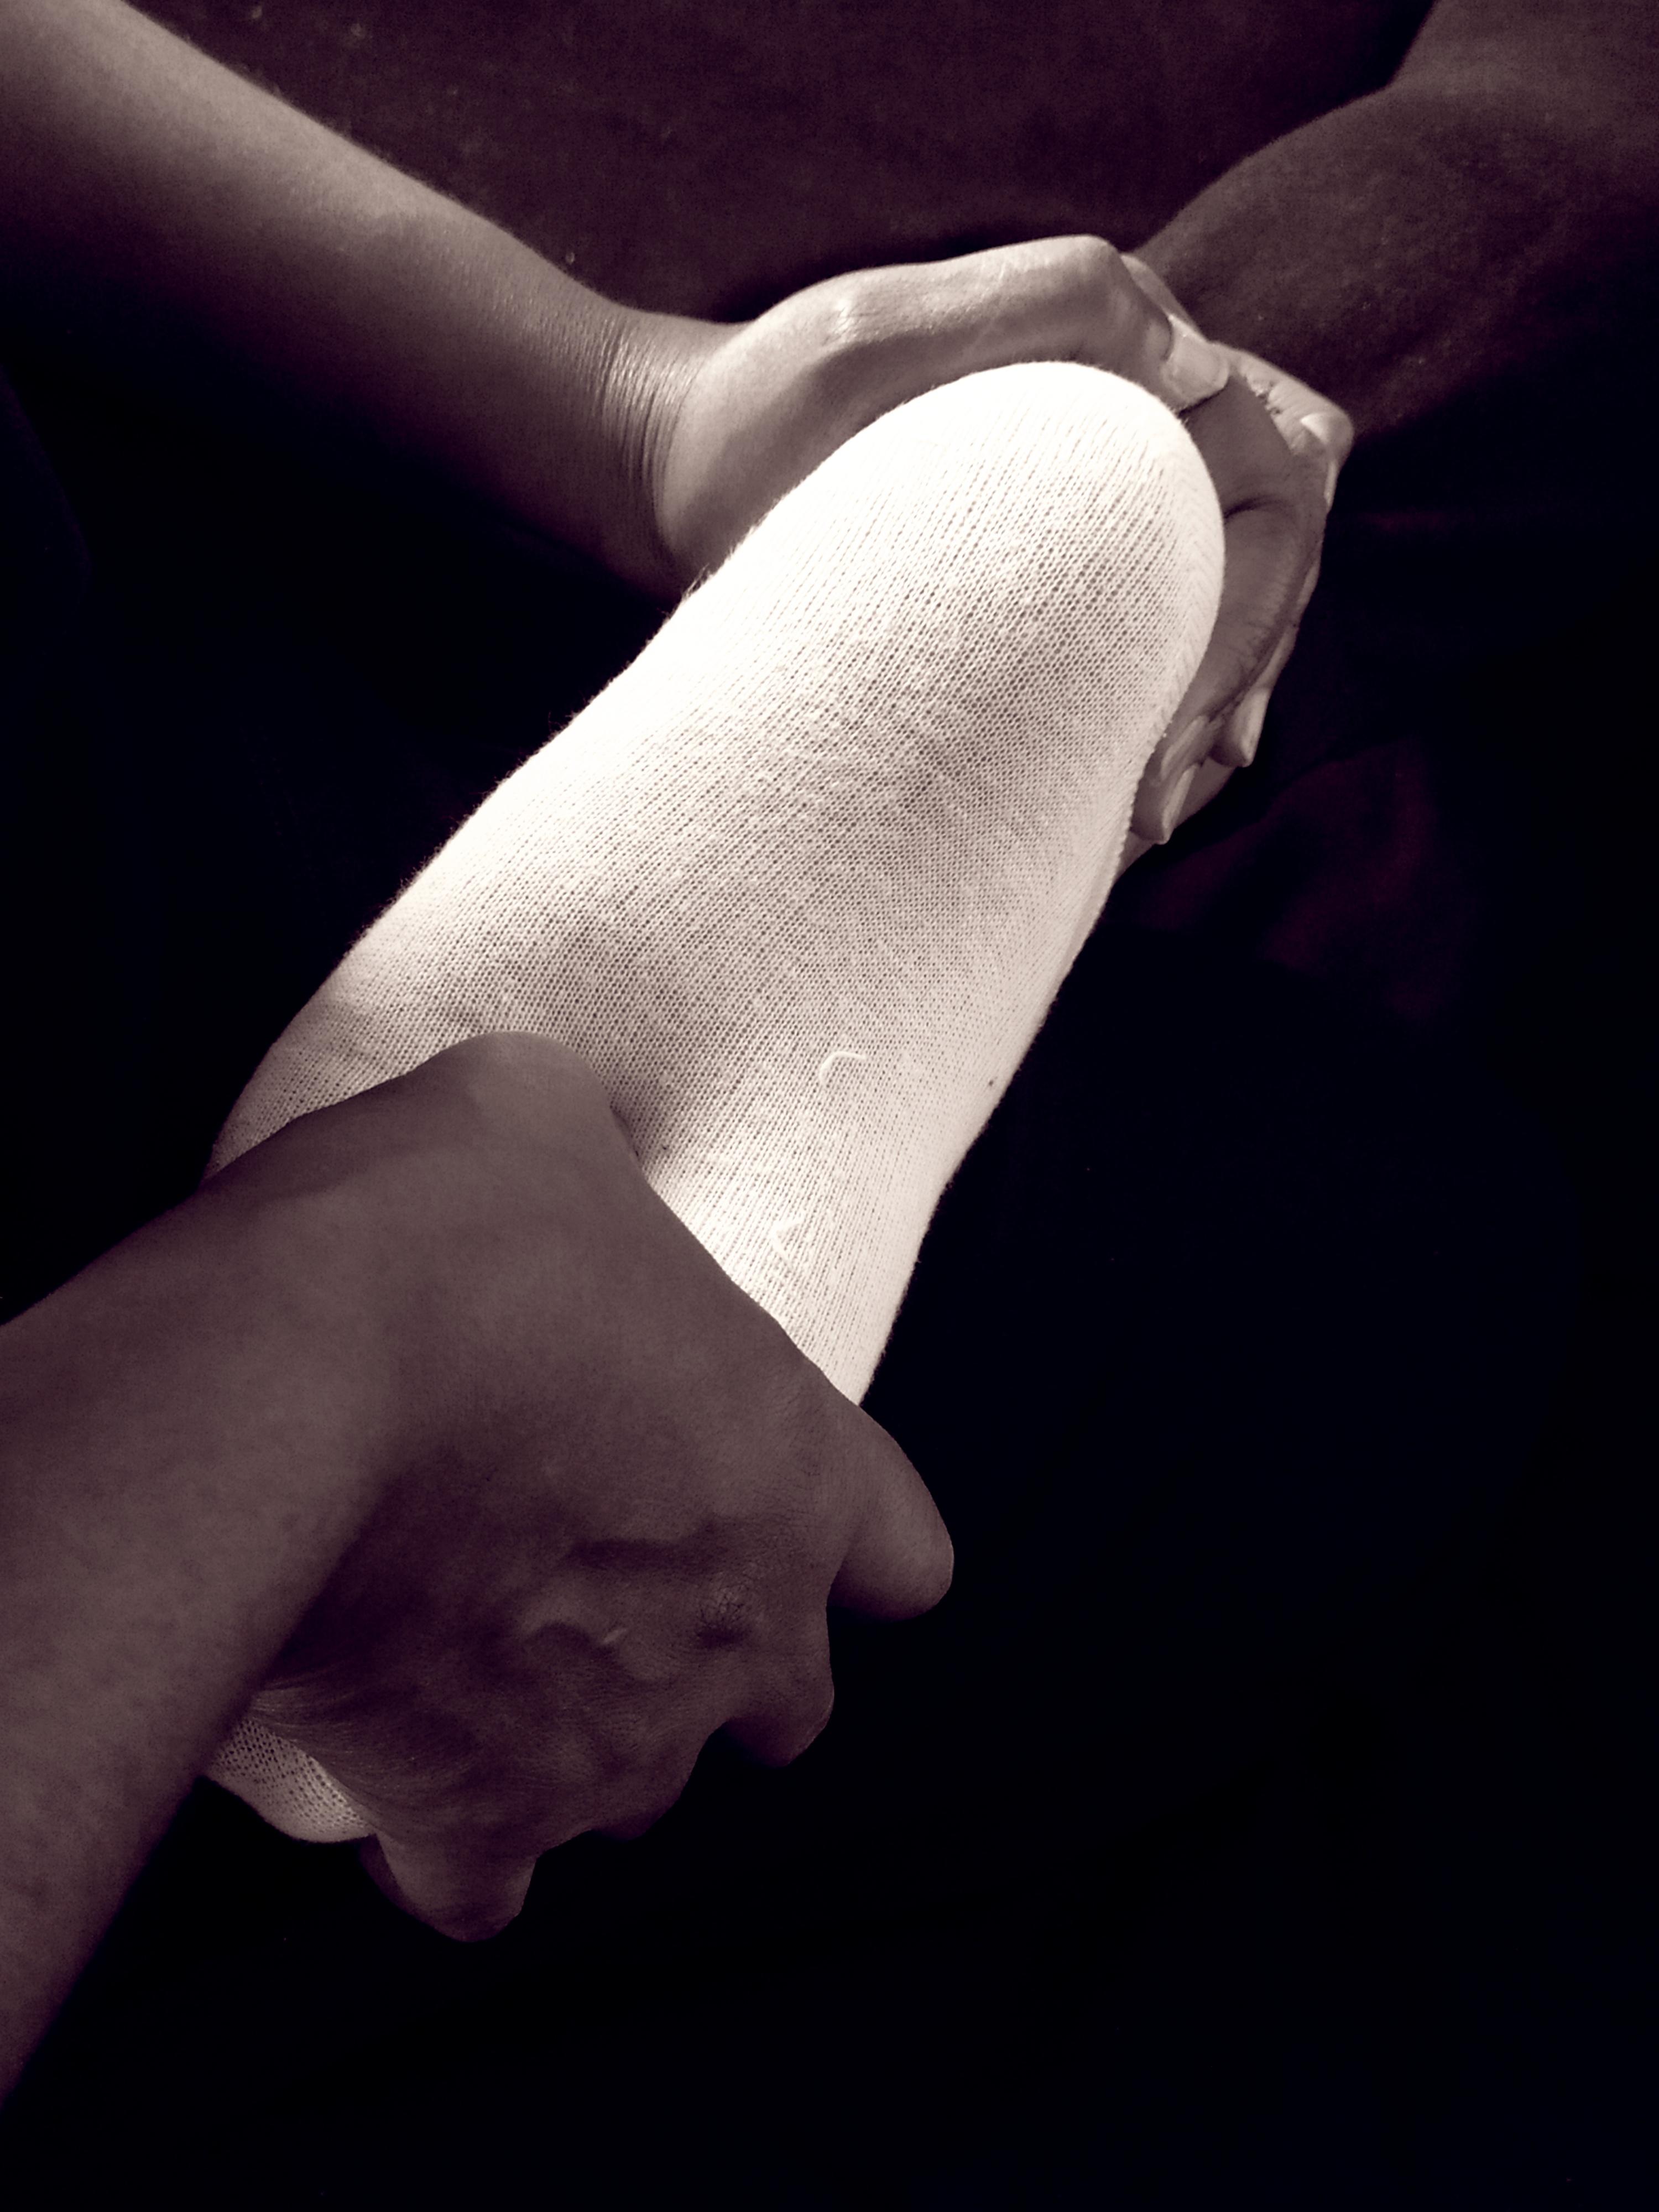 Médecine complémentaire Soigner avec les mains Paris 16e